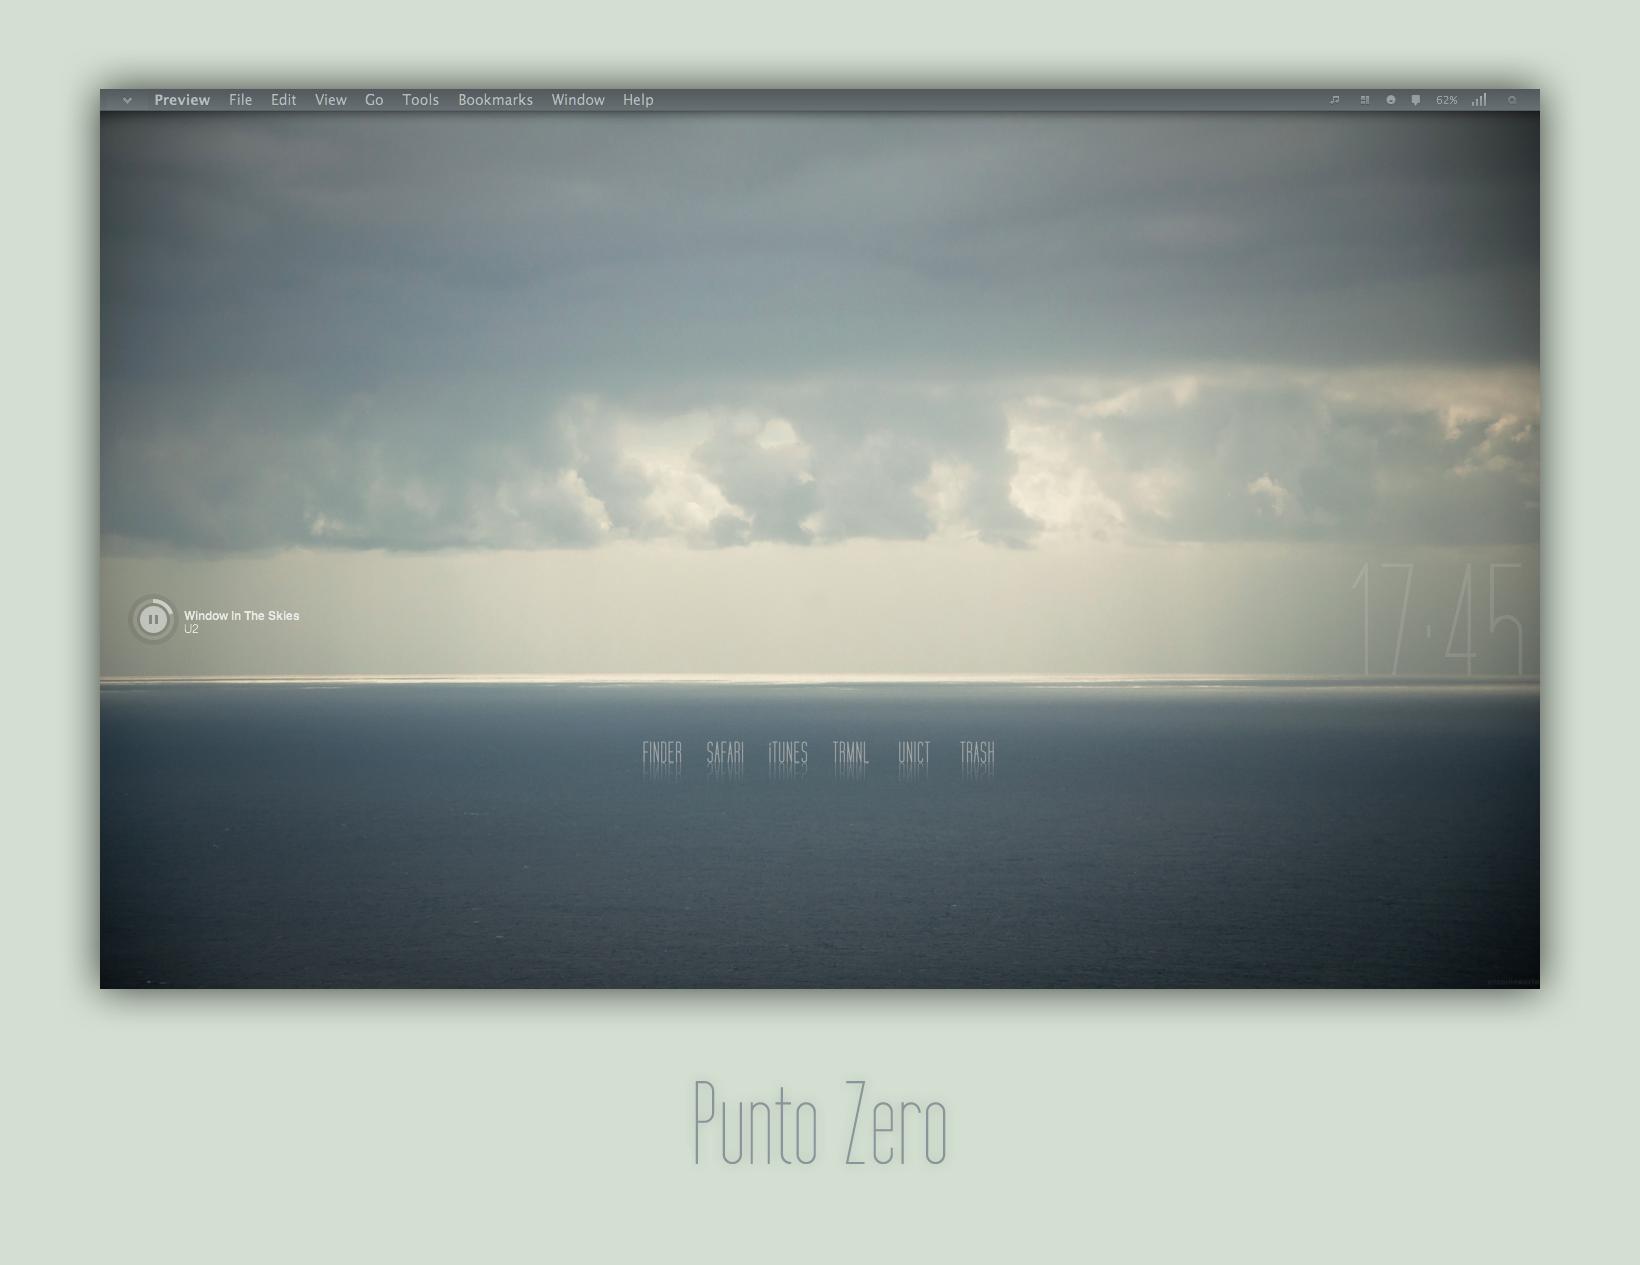 Punto Zero by 3lis-17